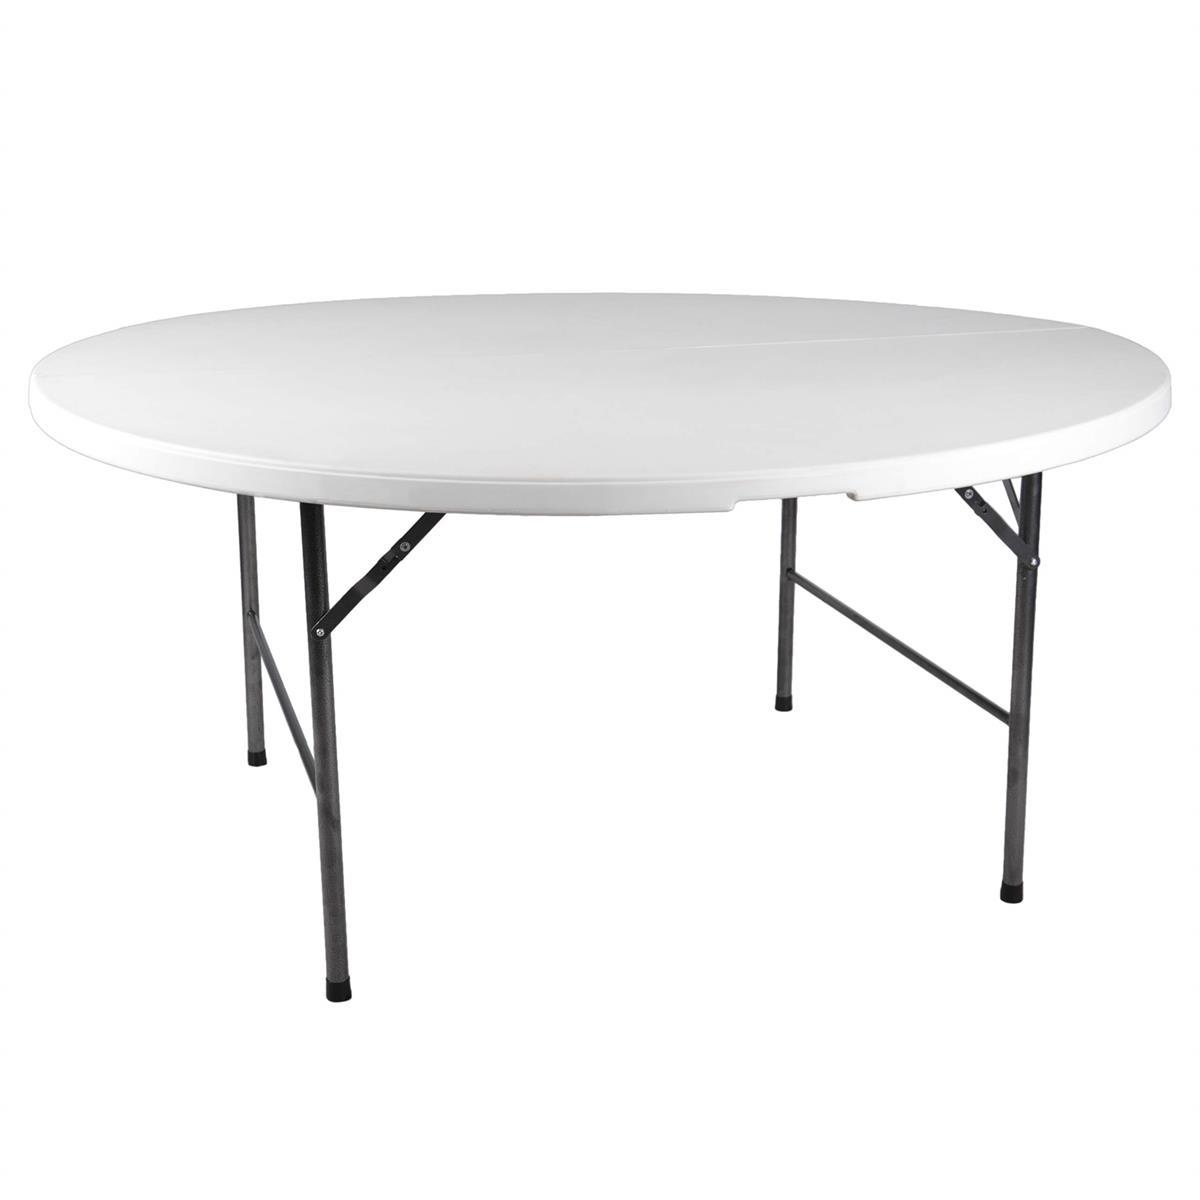 Partytisch Tisch Rund Gartentisch Klappbar 160 Cm